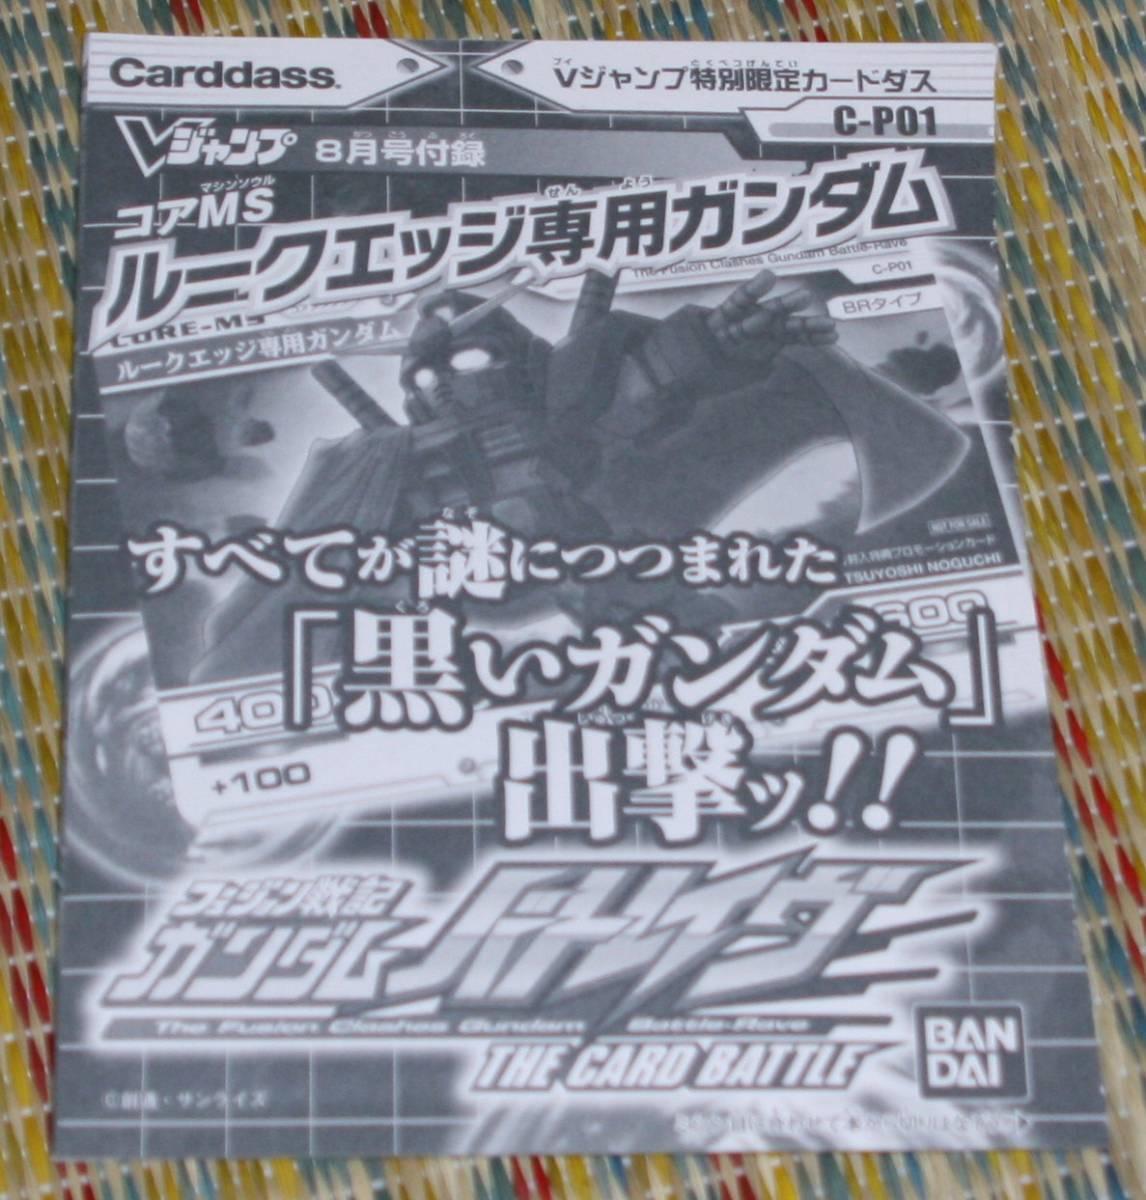 フュージョン戦記 ガンダムバトレイヴ コアMS ルークエッジ専用ガンダム Vジャンプ 8月号 付録 特別限定カードダス 3枚セット A_画像3